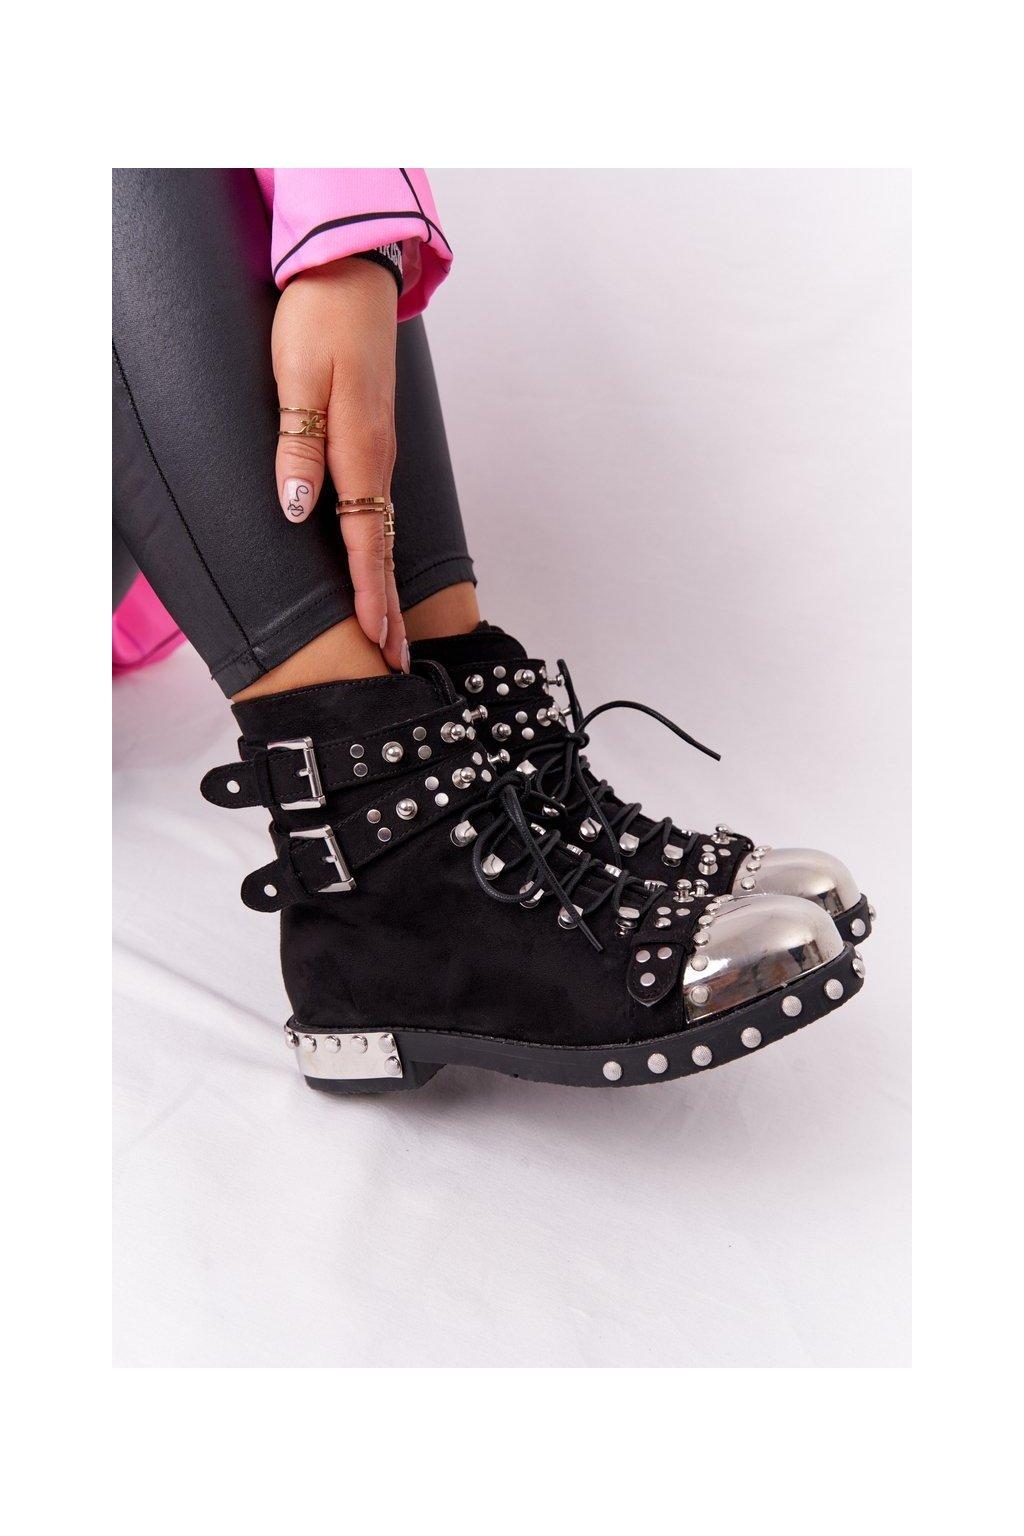 Členkové topánky na podpätku farba čierna kód obuvi XW37352 SUEDE BLK